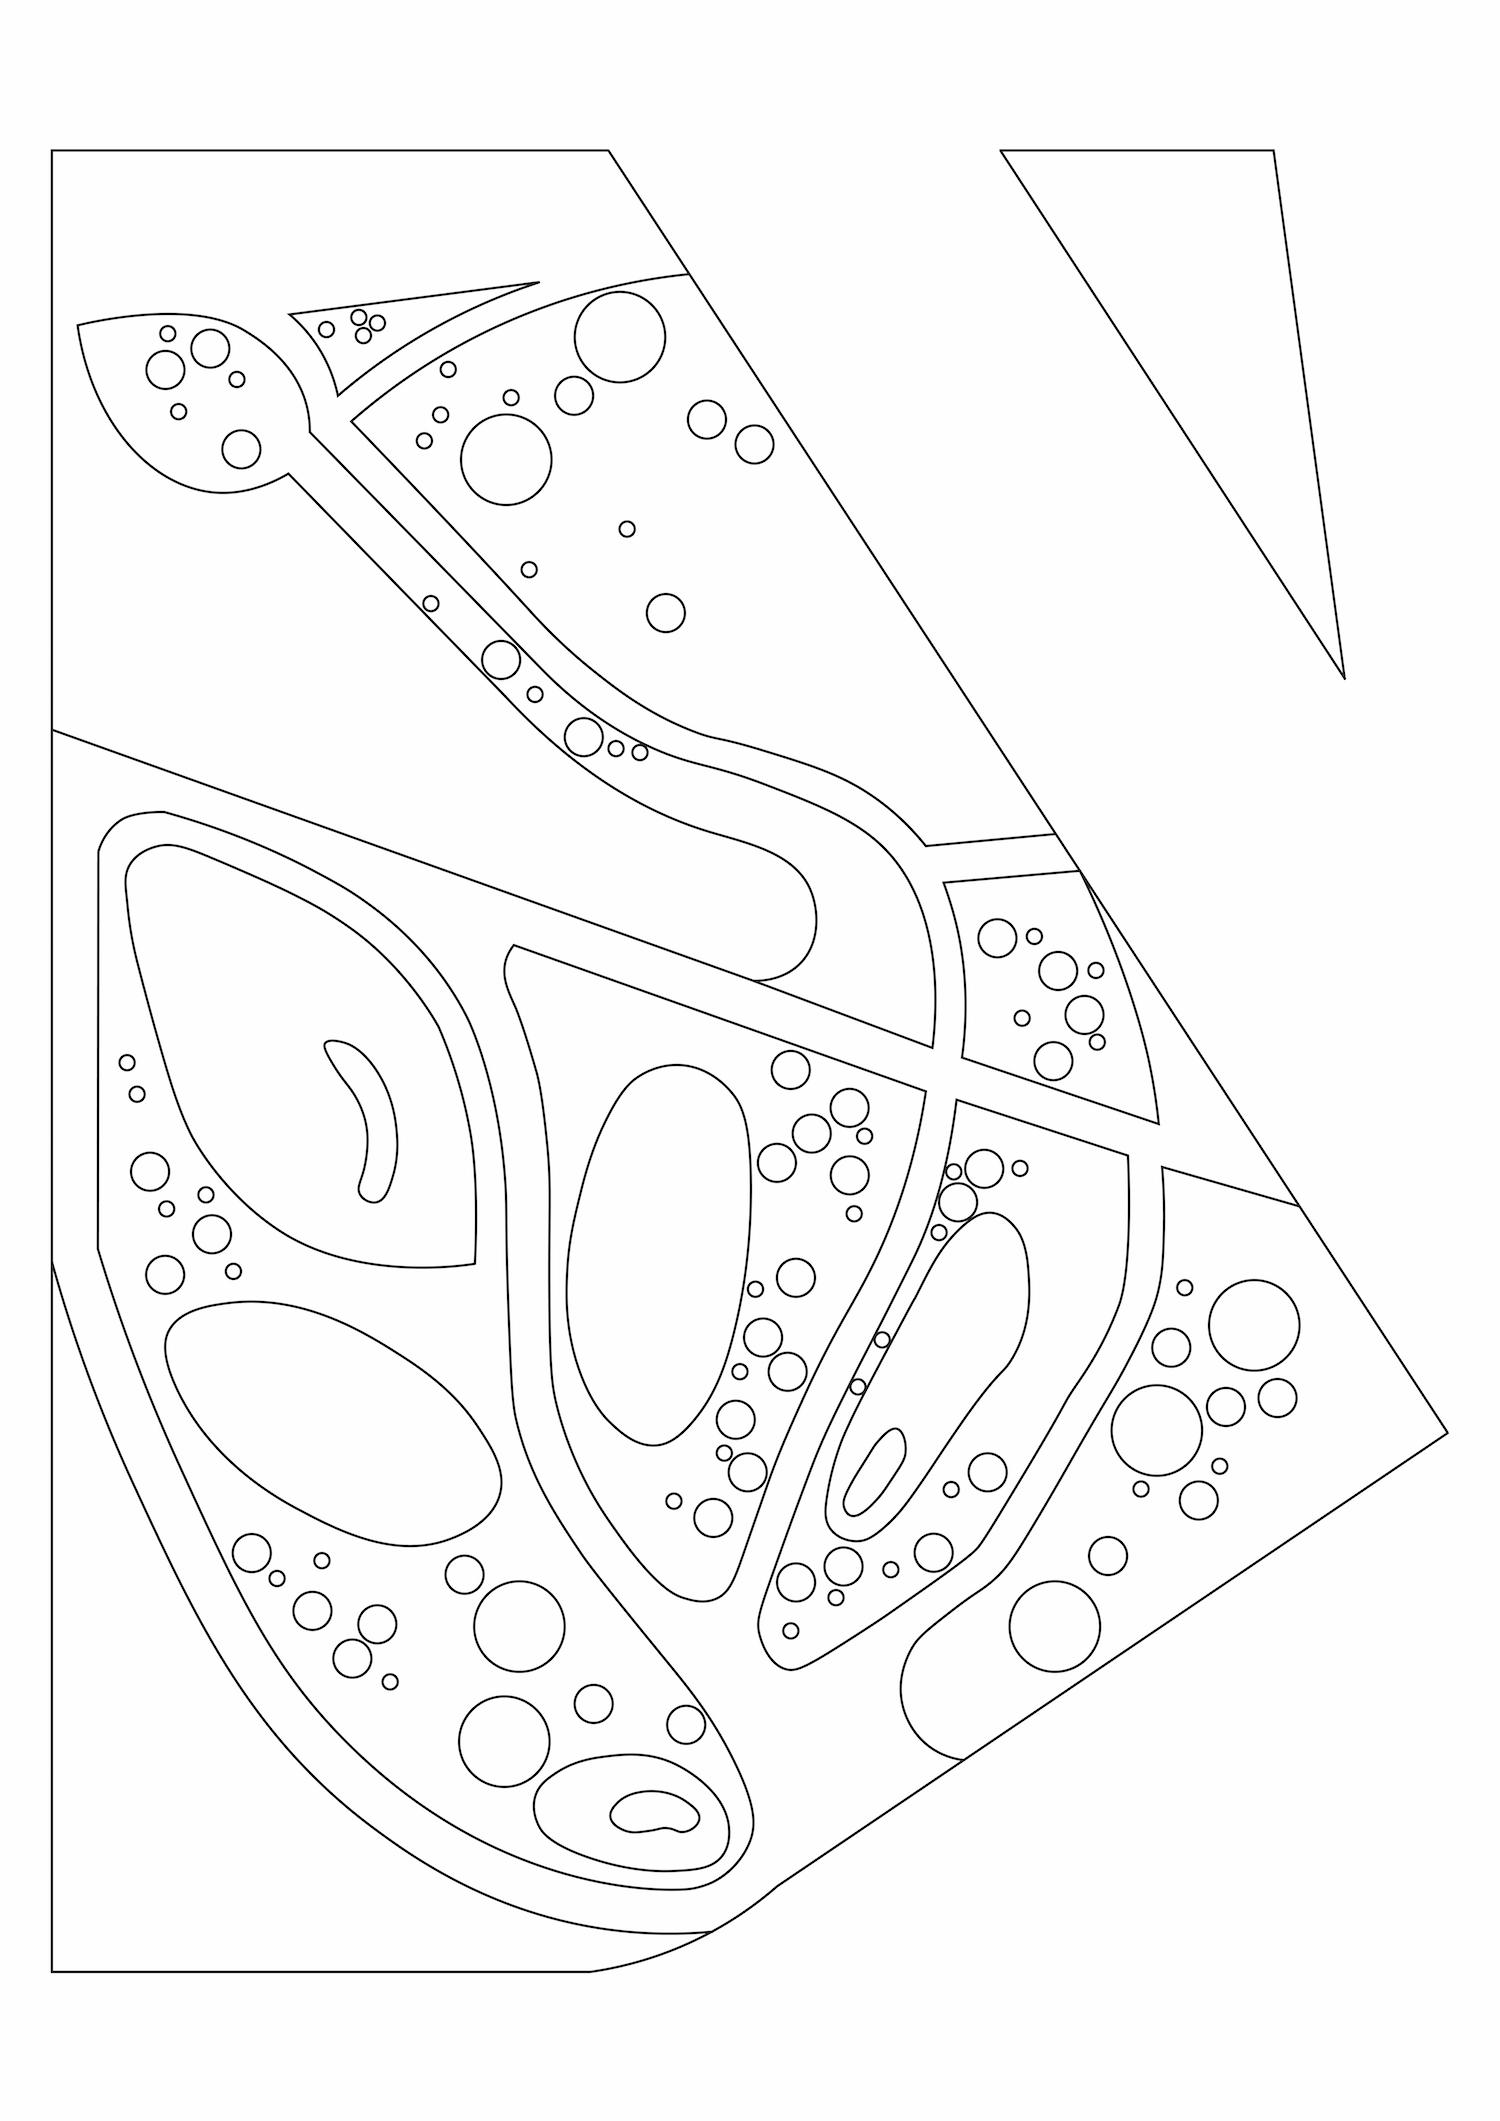 28_Zeichenfläche 1.jpg